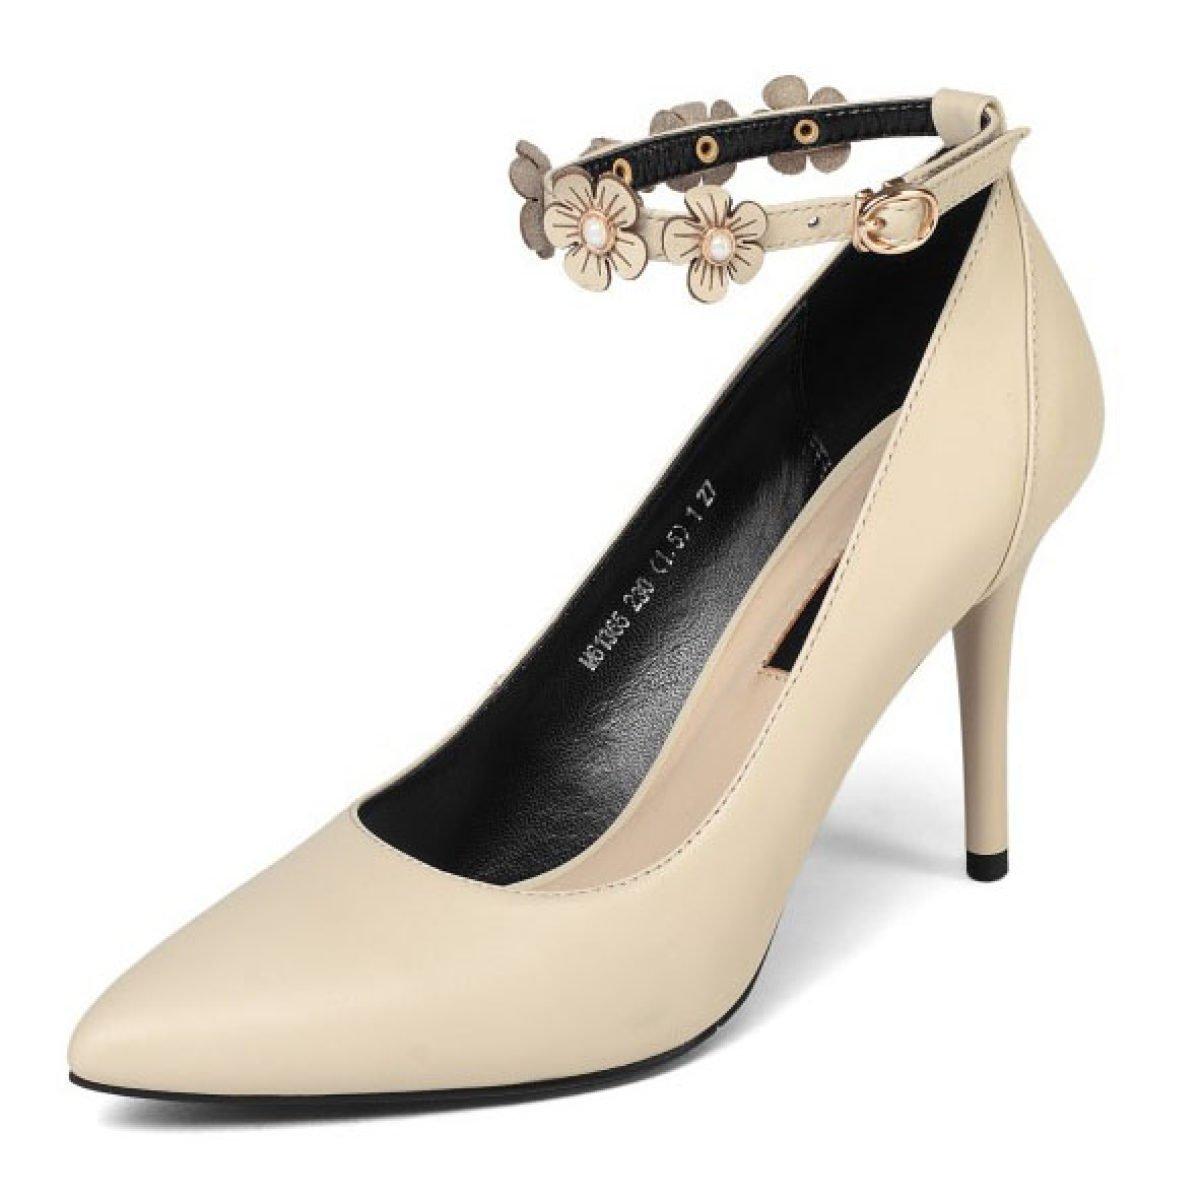 Beige Femmes Bout Fermé Thin Talons Hauts Chaussures Bride à La Cheville Boucles Fleur Pompes Cour Escarpins Chaussures De Soirée De Mariage (Beige Noir) EU 39 UK 6.5